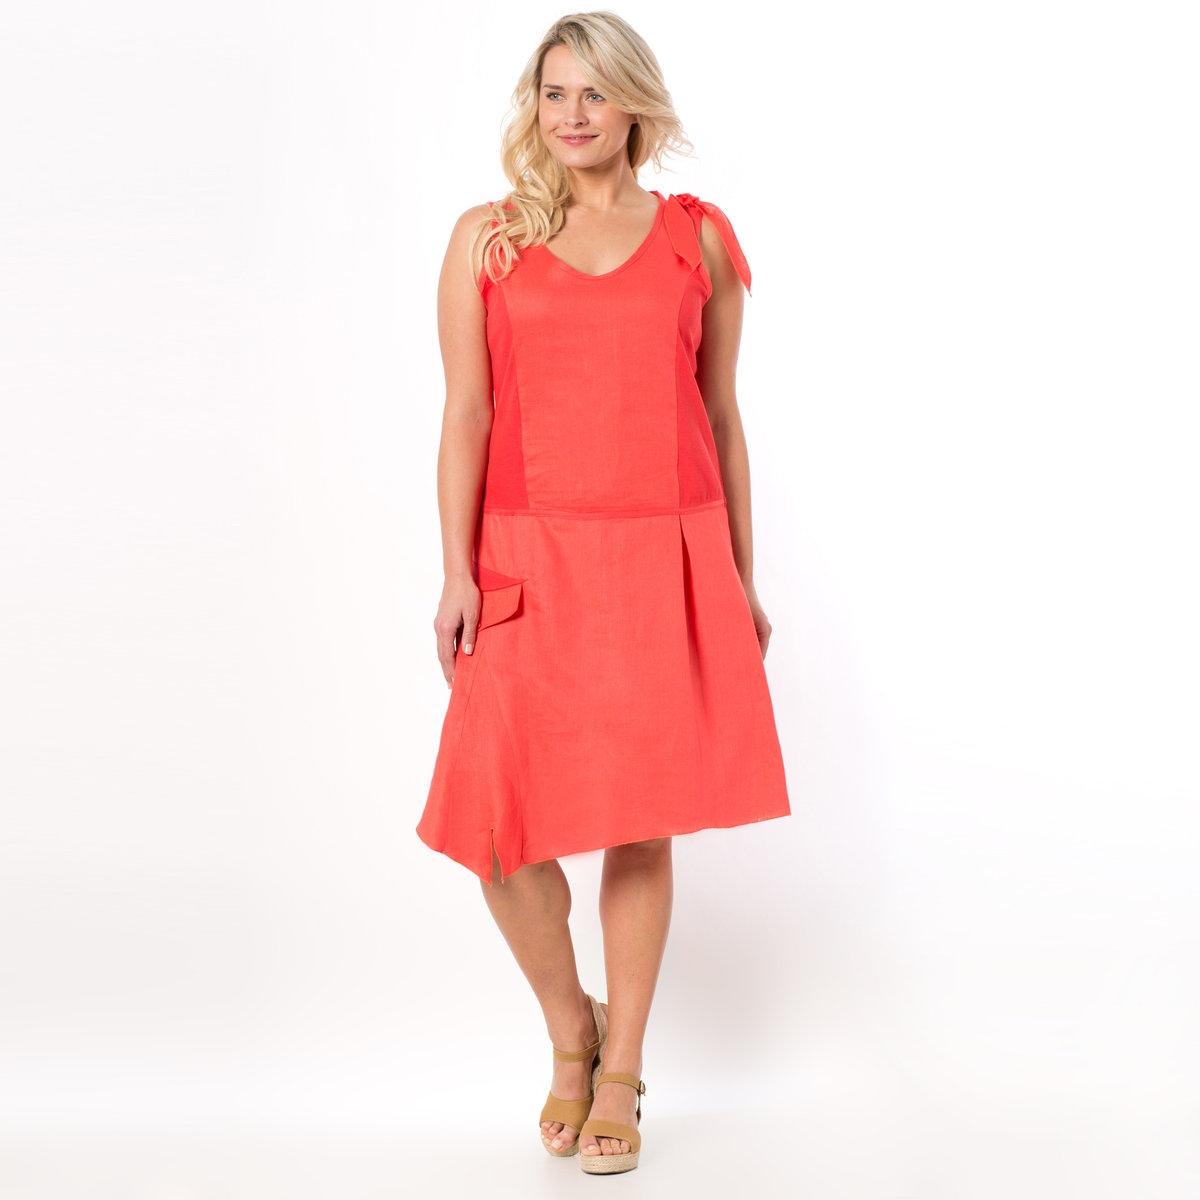 Платье без рукавовВставки из трикотажа по бокам для большего комфорта. Зигзагообразные видимые строчки. Круглый вырез.<br><br>Цвет: коралловый<br>Размер: 52 (FR) - 58 (RUS)